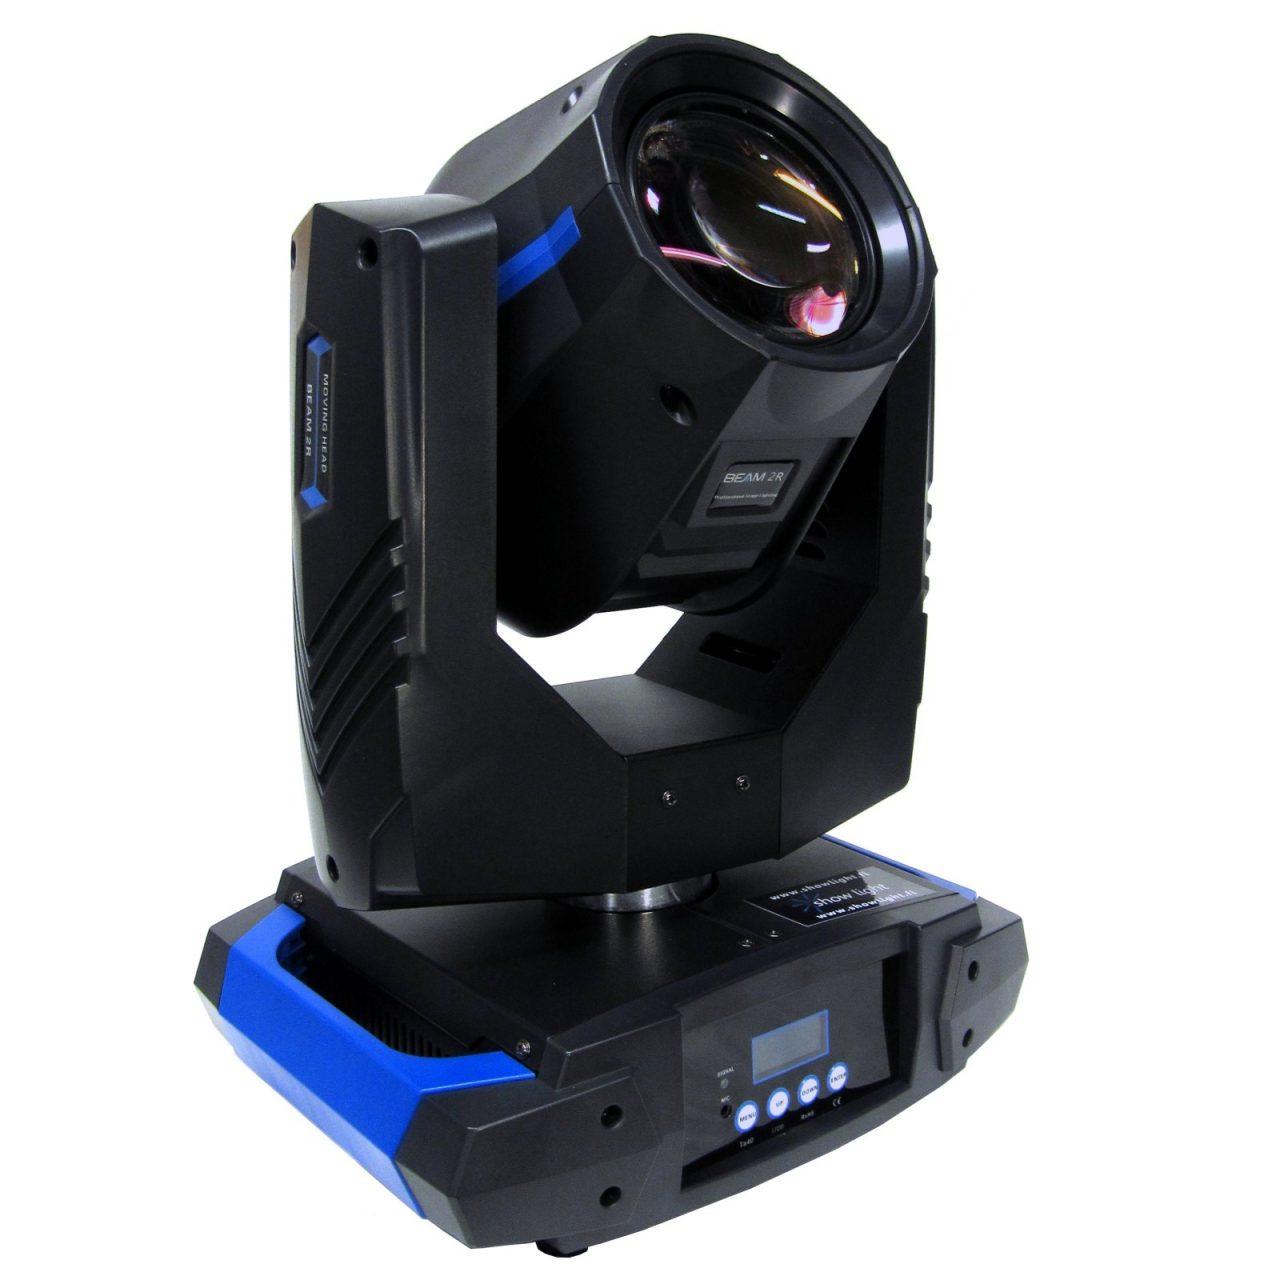 Hi-LTTE Beam Moving Head 2R - Valovoimainen ja kevyt kiilakone. Paino vain 8,9 kg!14 väriä, 15 goboa,8-kulmainen prisma prisman pyörityksellä ja moottorisoitu focus.